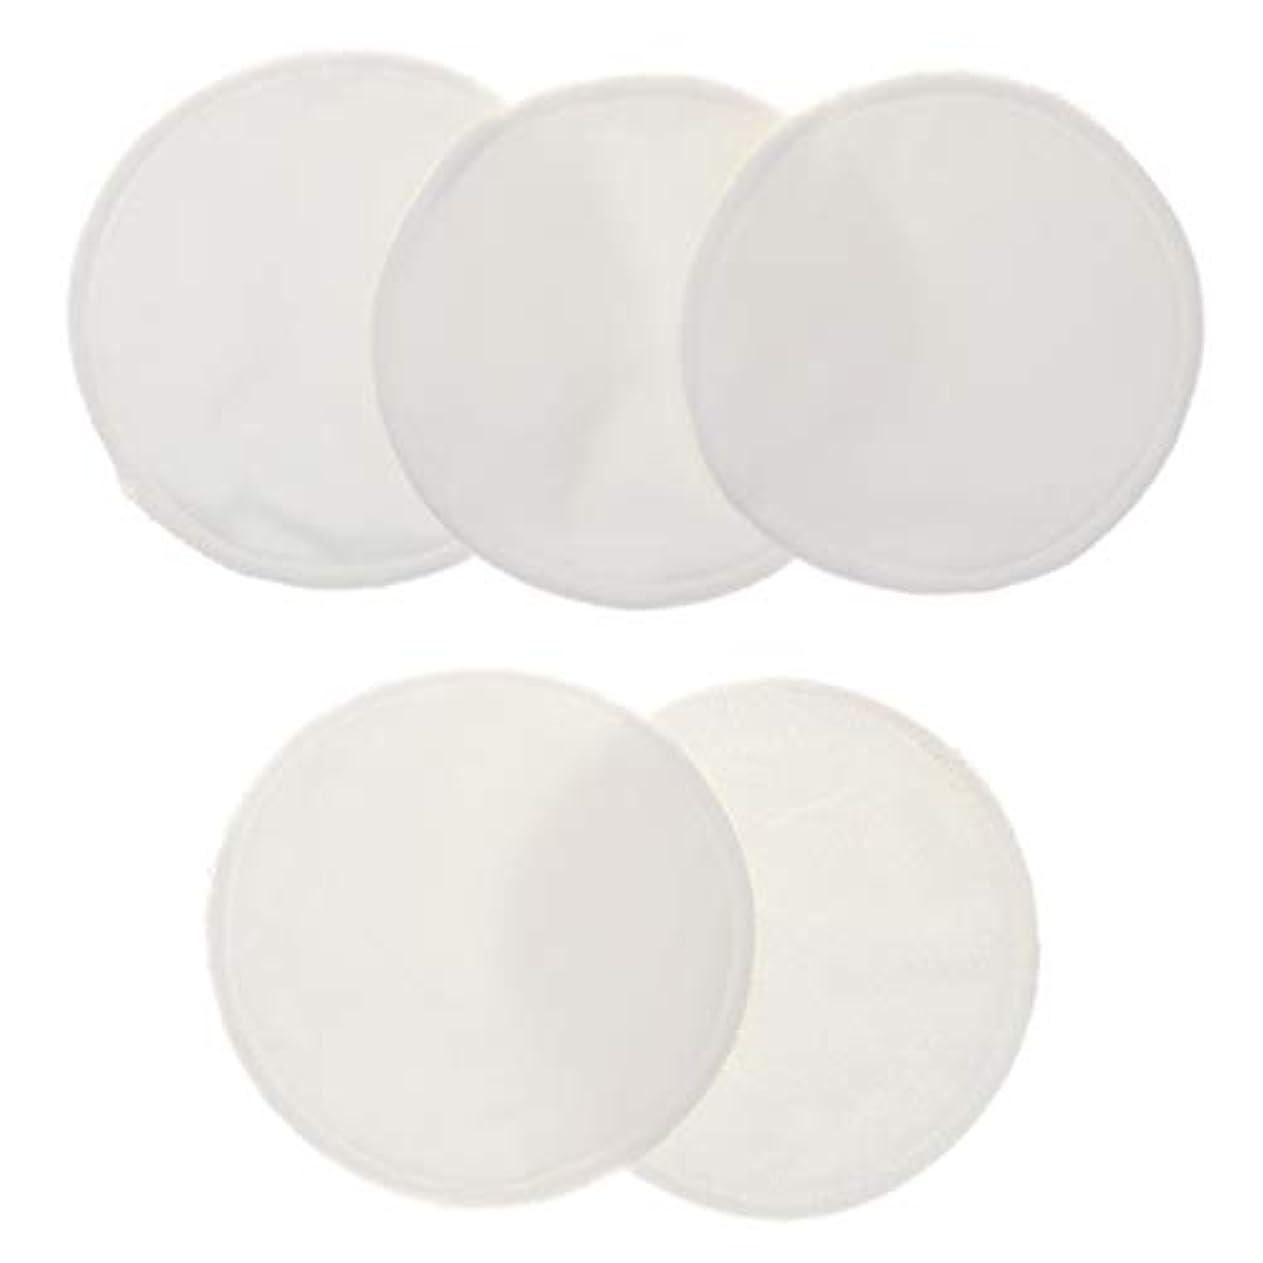 有効なおんどりしょっぱい5個 クレンジングシート 胸パッド 化粧用 竹繊維 円形 12cm 洗える 再使用可能 耐久性 全5色 - 白